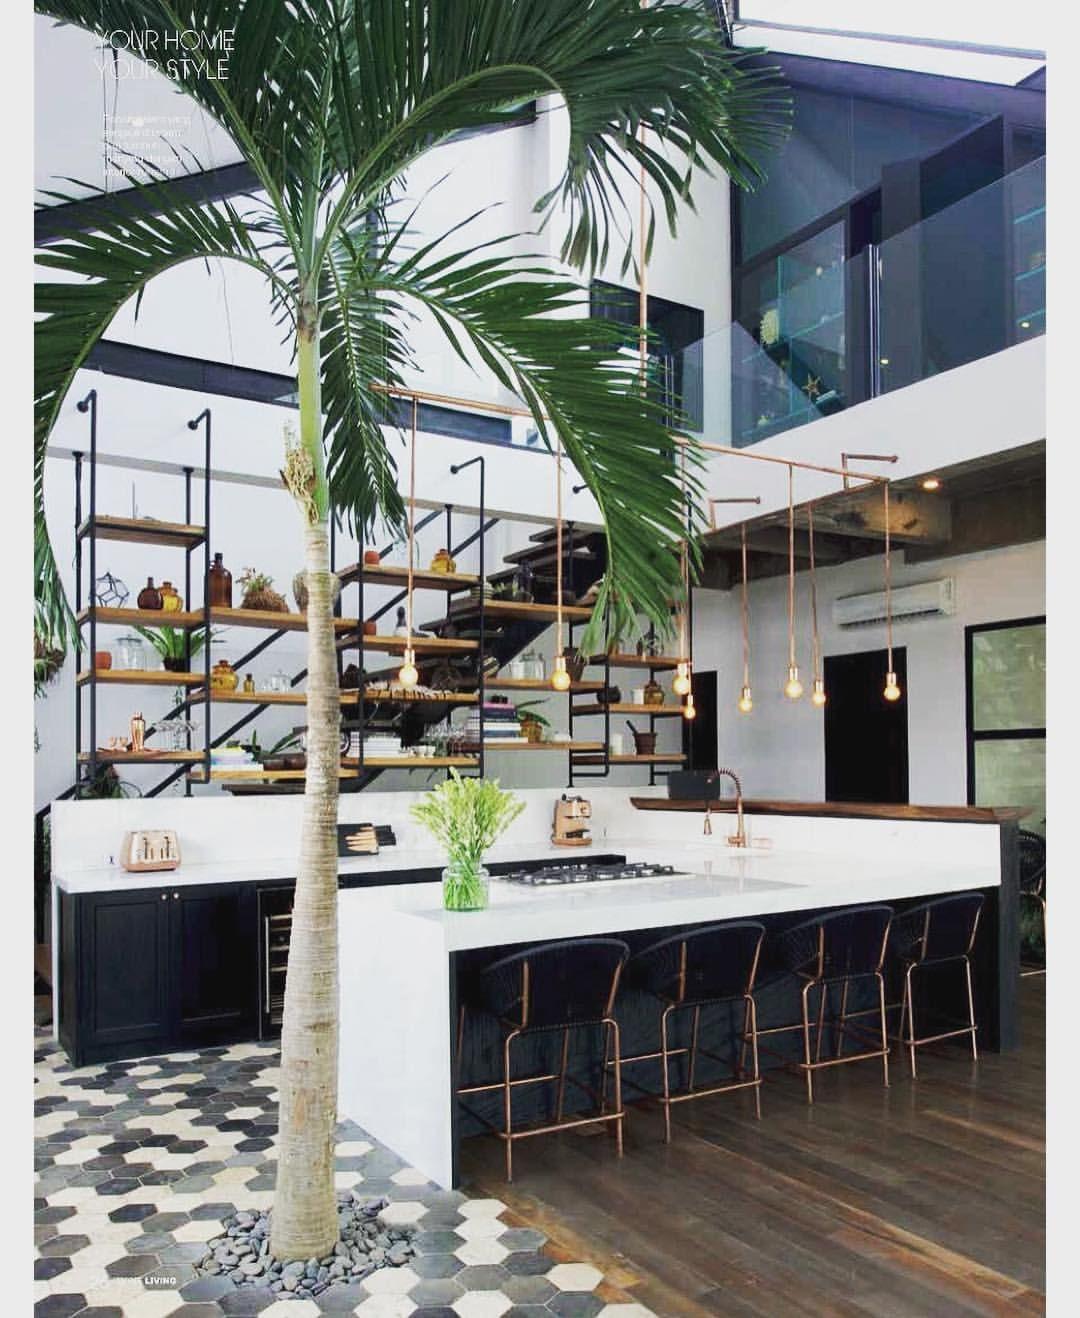 614 Likes, 12 Comments - The Mandala House - Bali ...